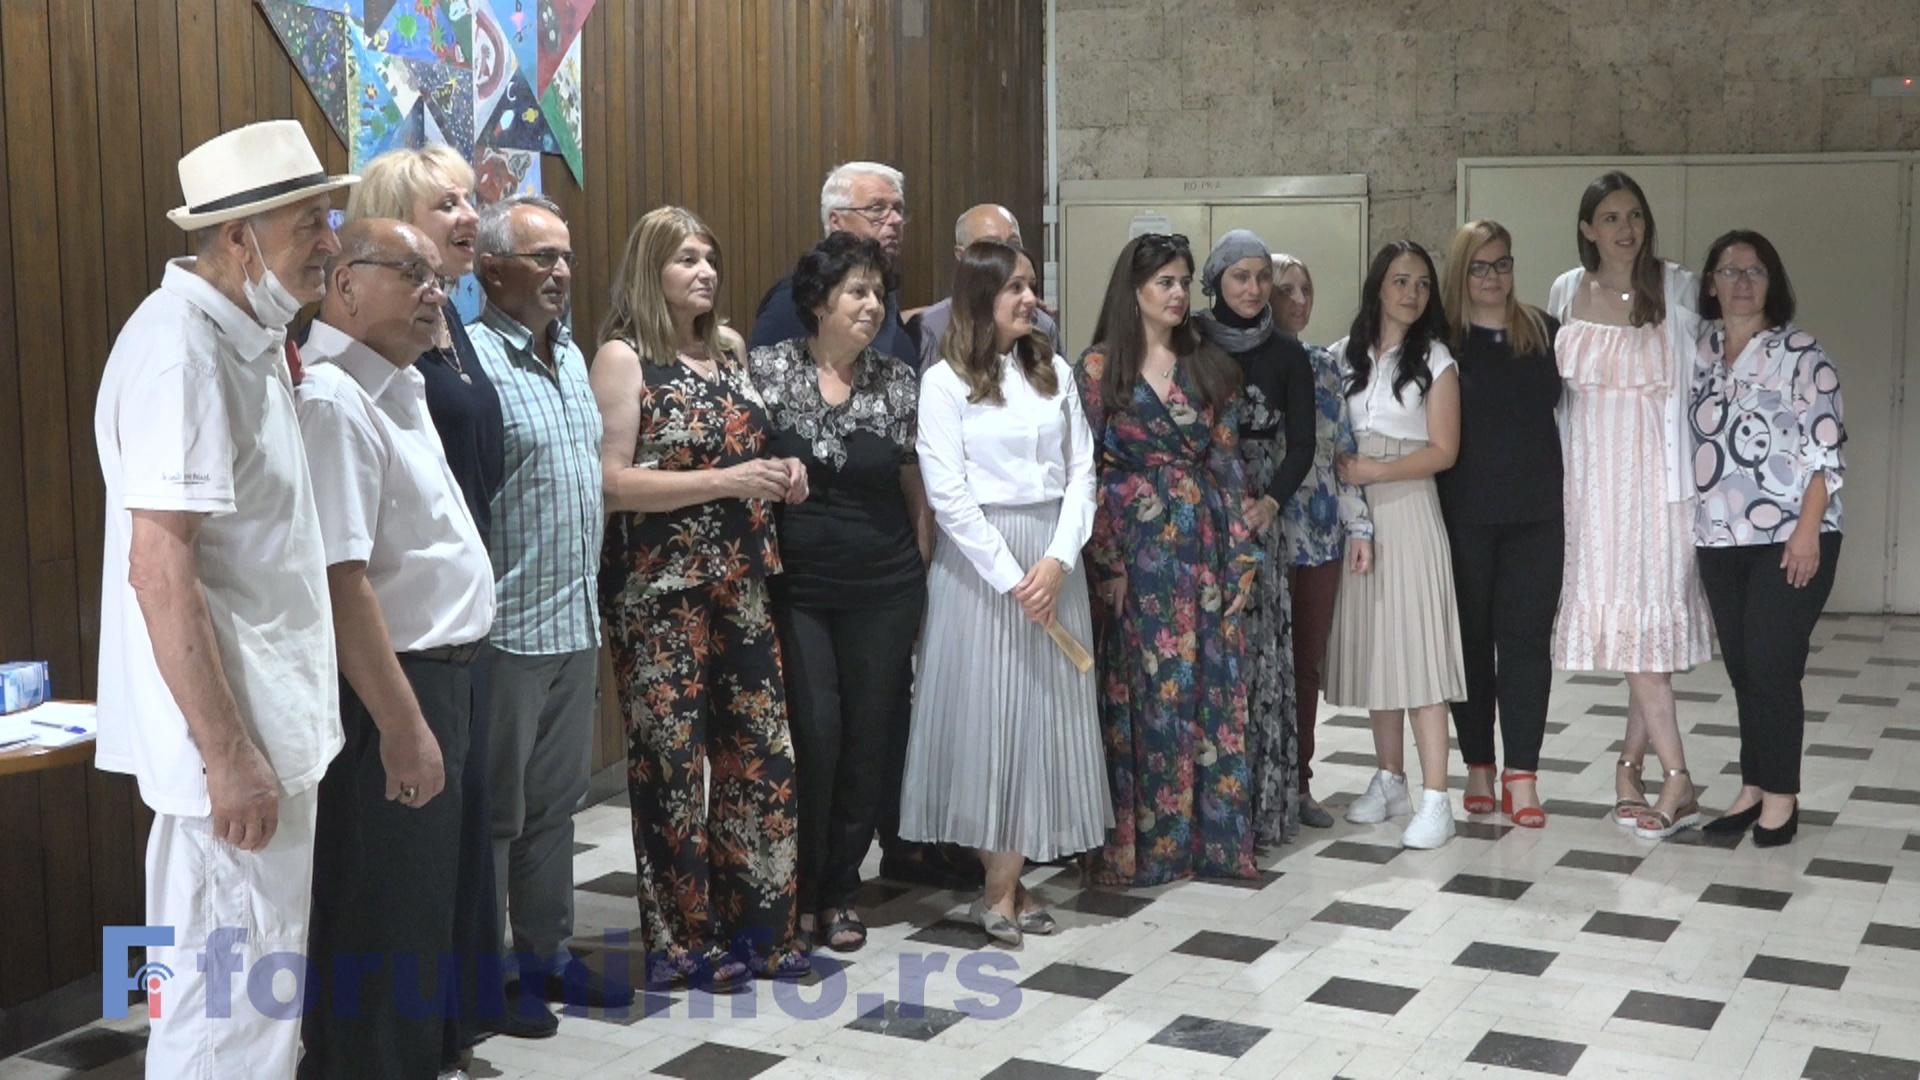 Центар за социјални рад Пријепоље обележио 42 године рада и постојања